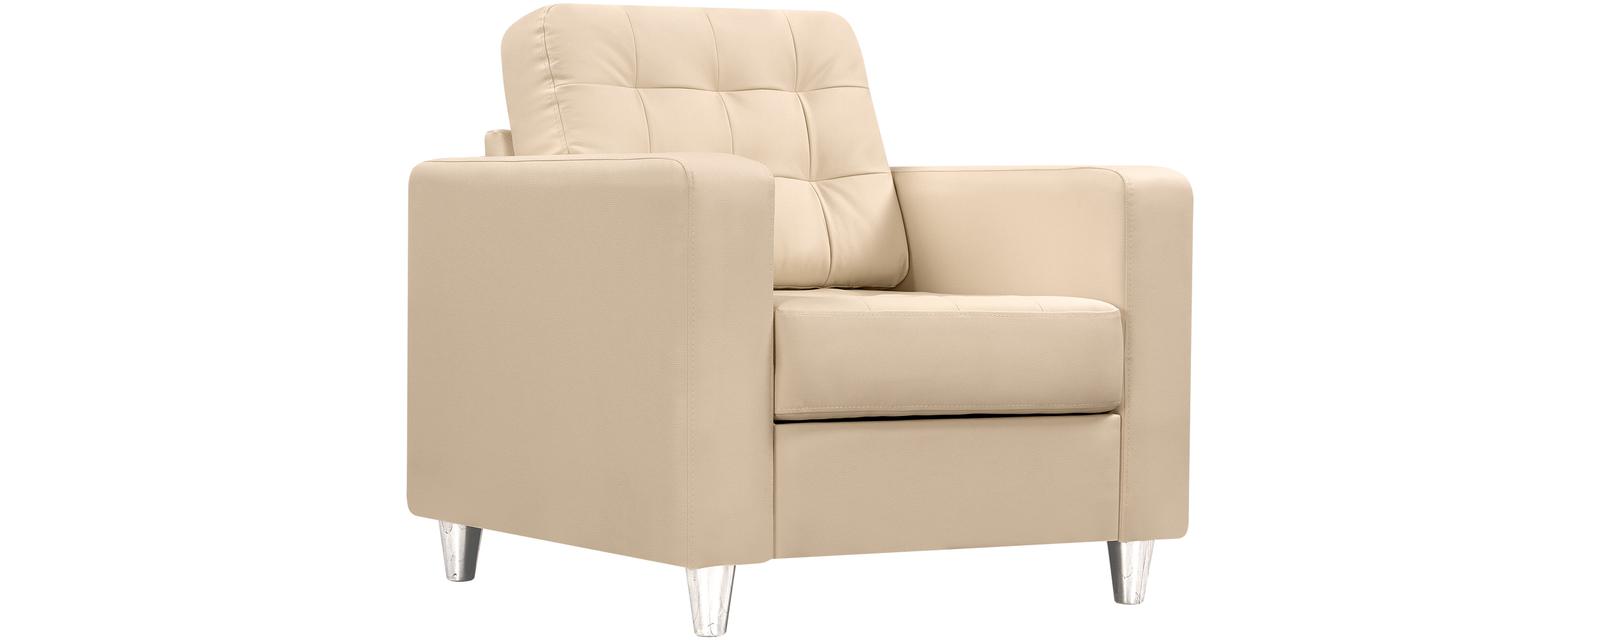 Кресло кожаное Камелот Бежевый (Натуральная кожа)